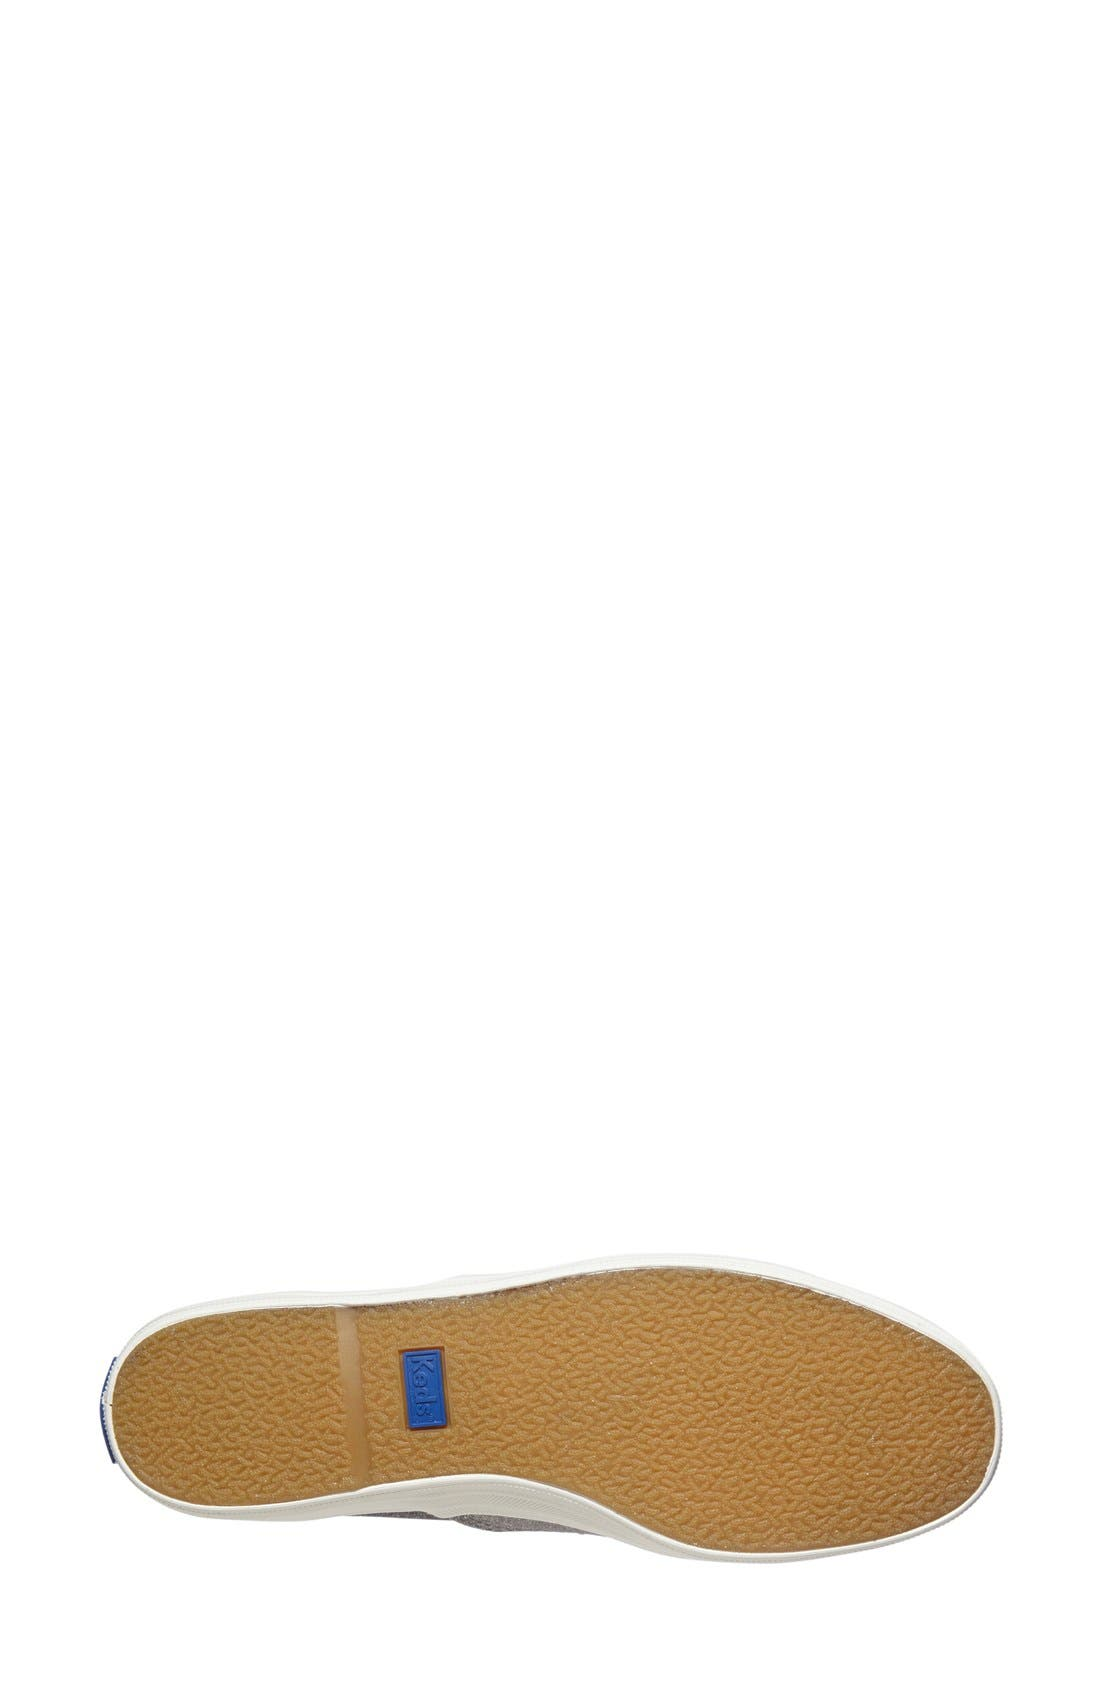 Alternate Image 4  - Keds® 'Champion - Ombré Glitter' Sneaker (Women)